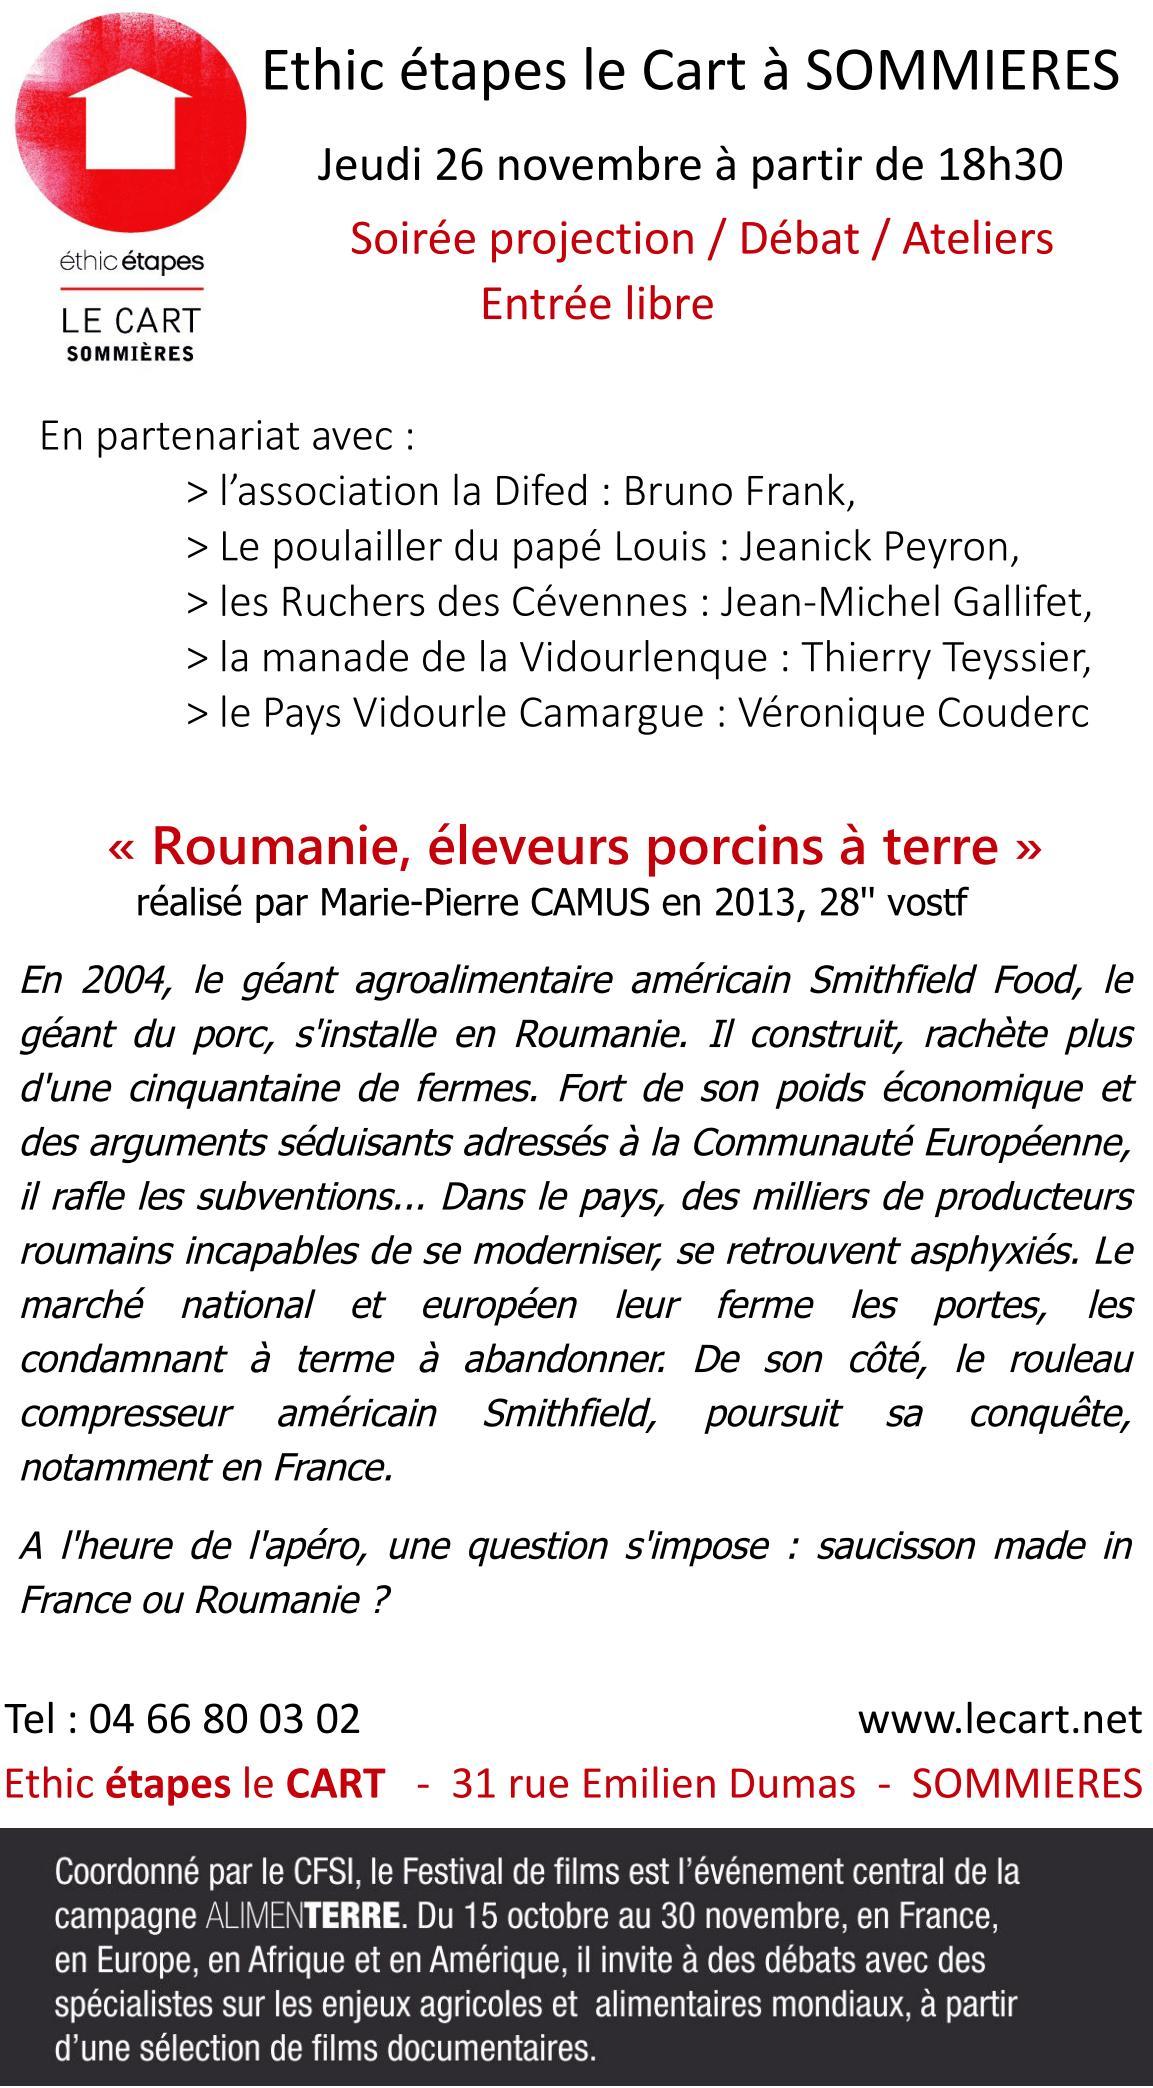 Programme et présentation, soirée projection-débat, festival Alimenterre